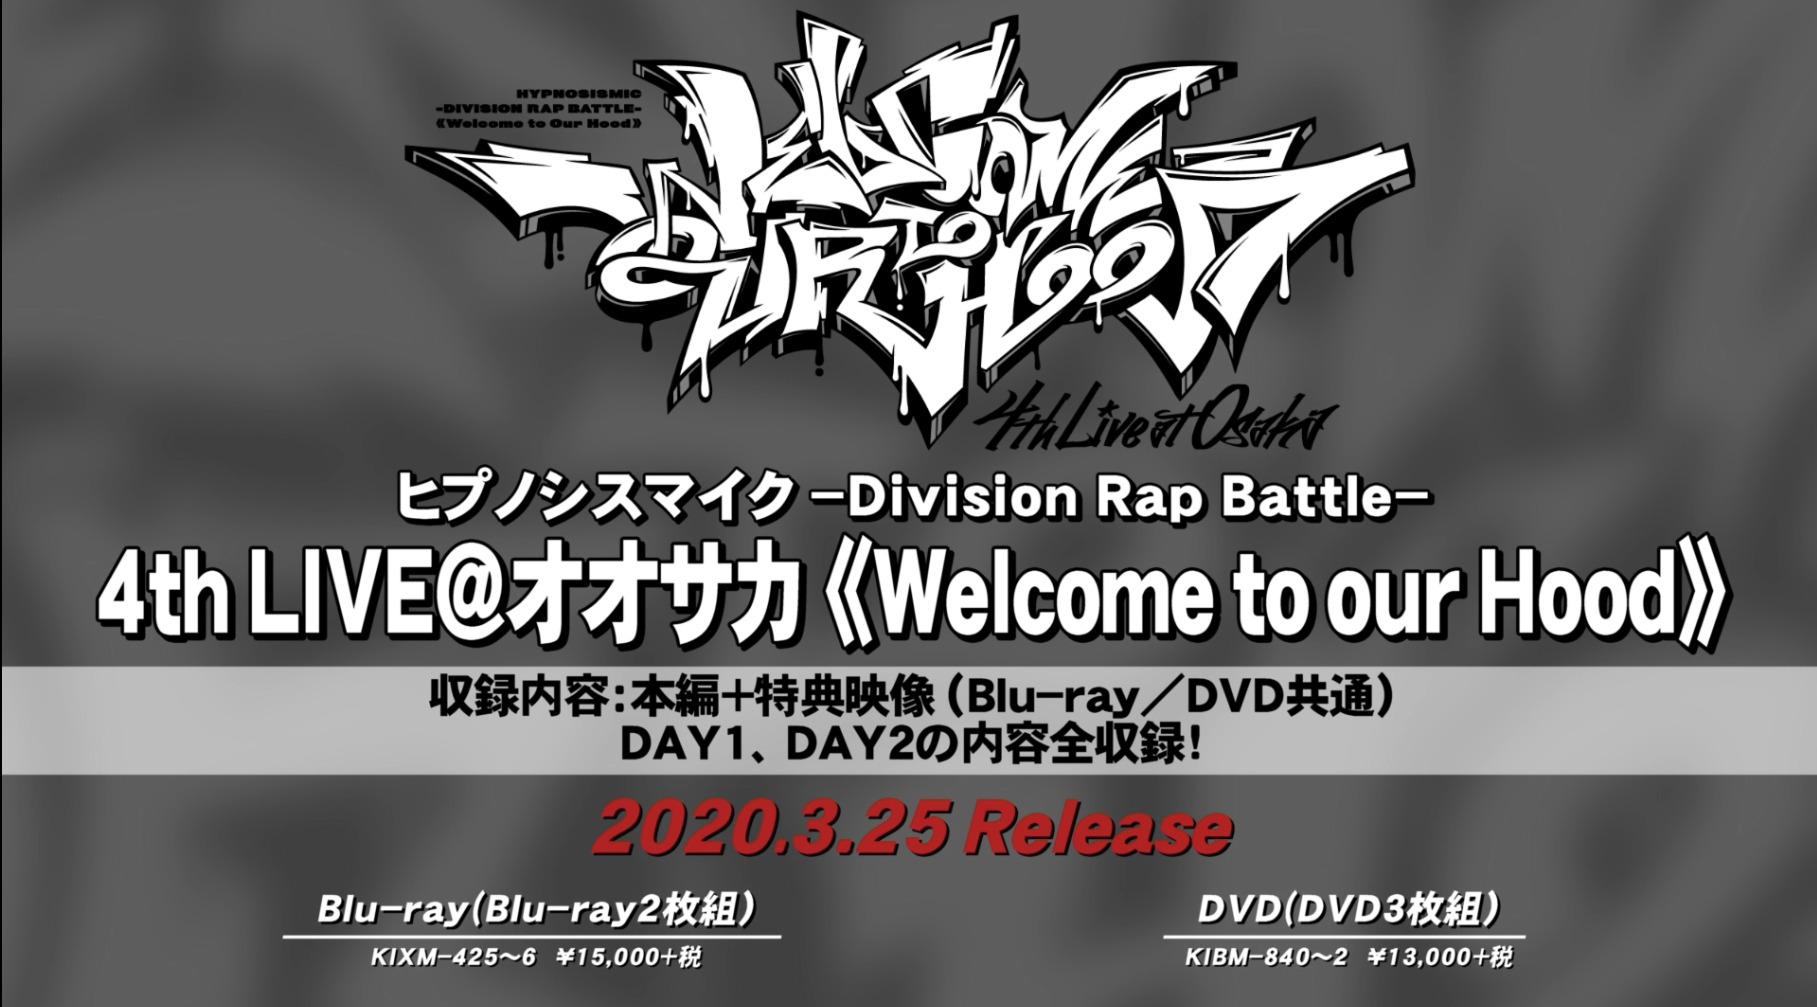 ヒプノシスマイク -Division Rap Battle-4th LIVE@オオサカ《Welcome to our Hood》Blu-ray/DVD